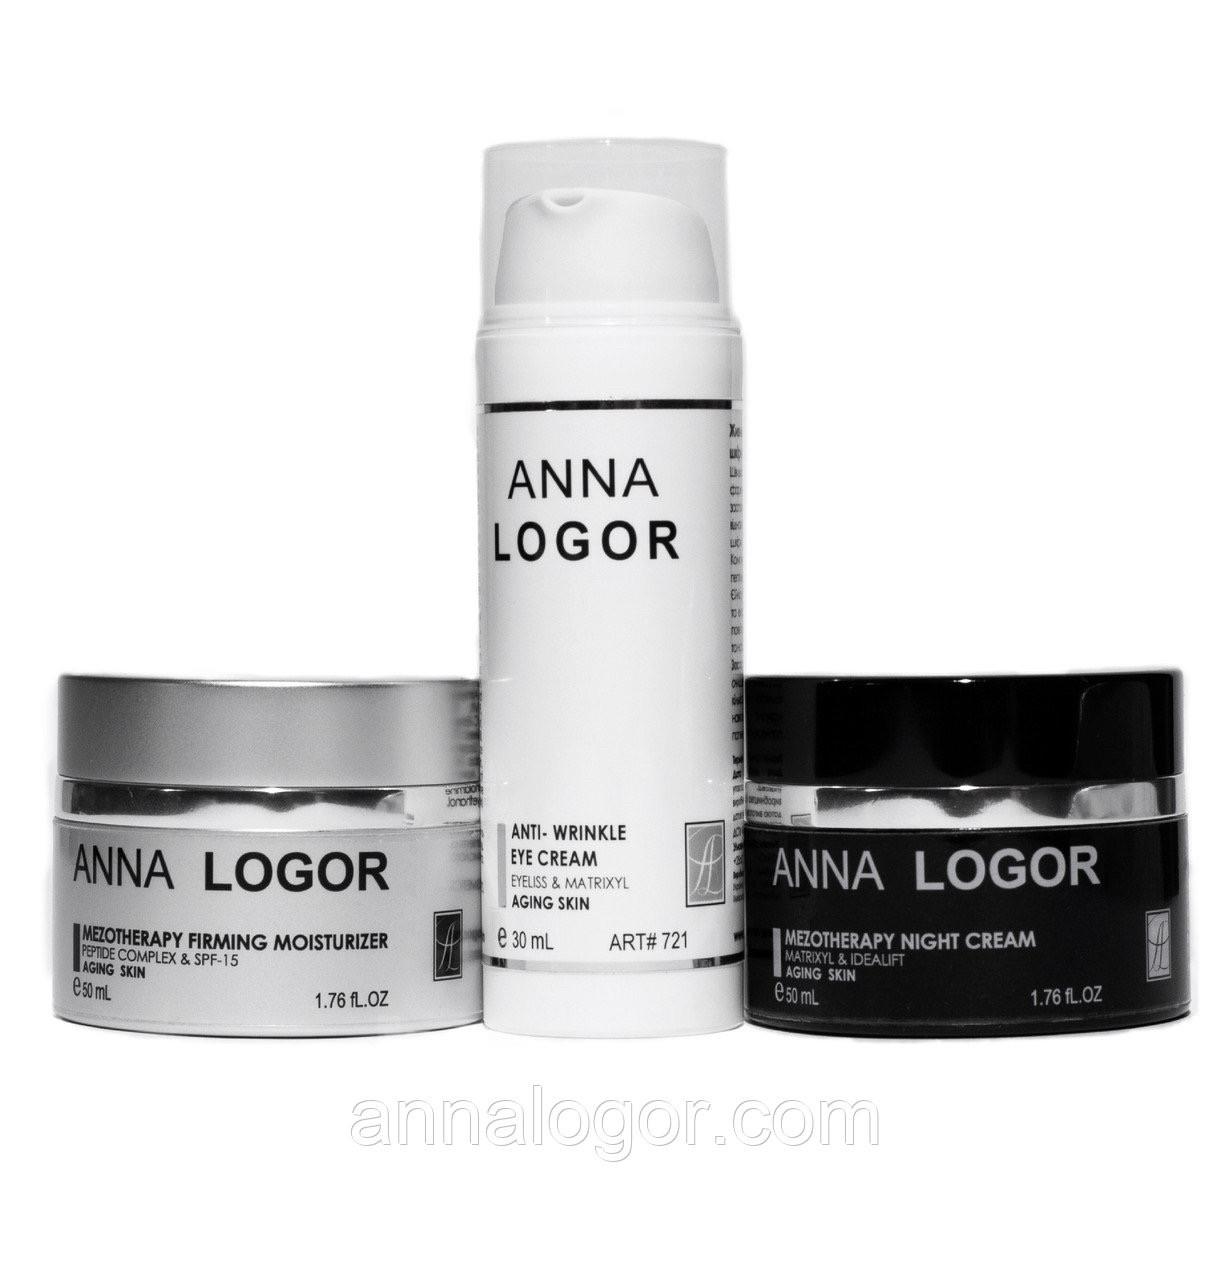 Омолоджуюча серія Анна Логор - Anna Logor #1